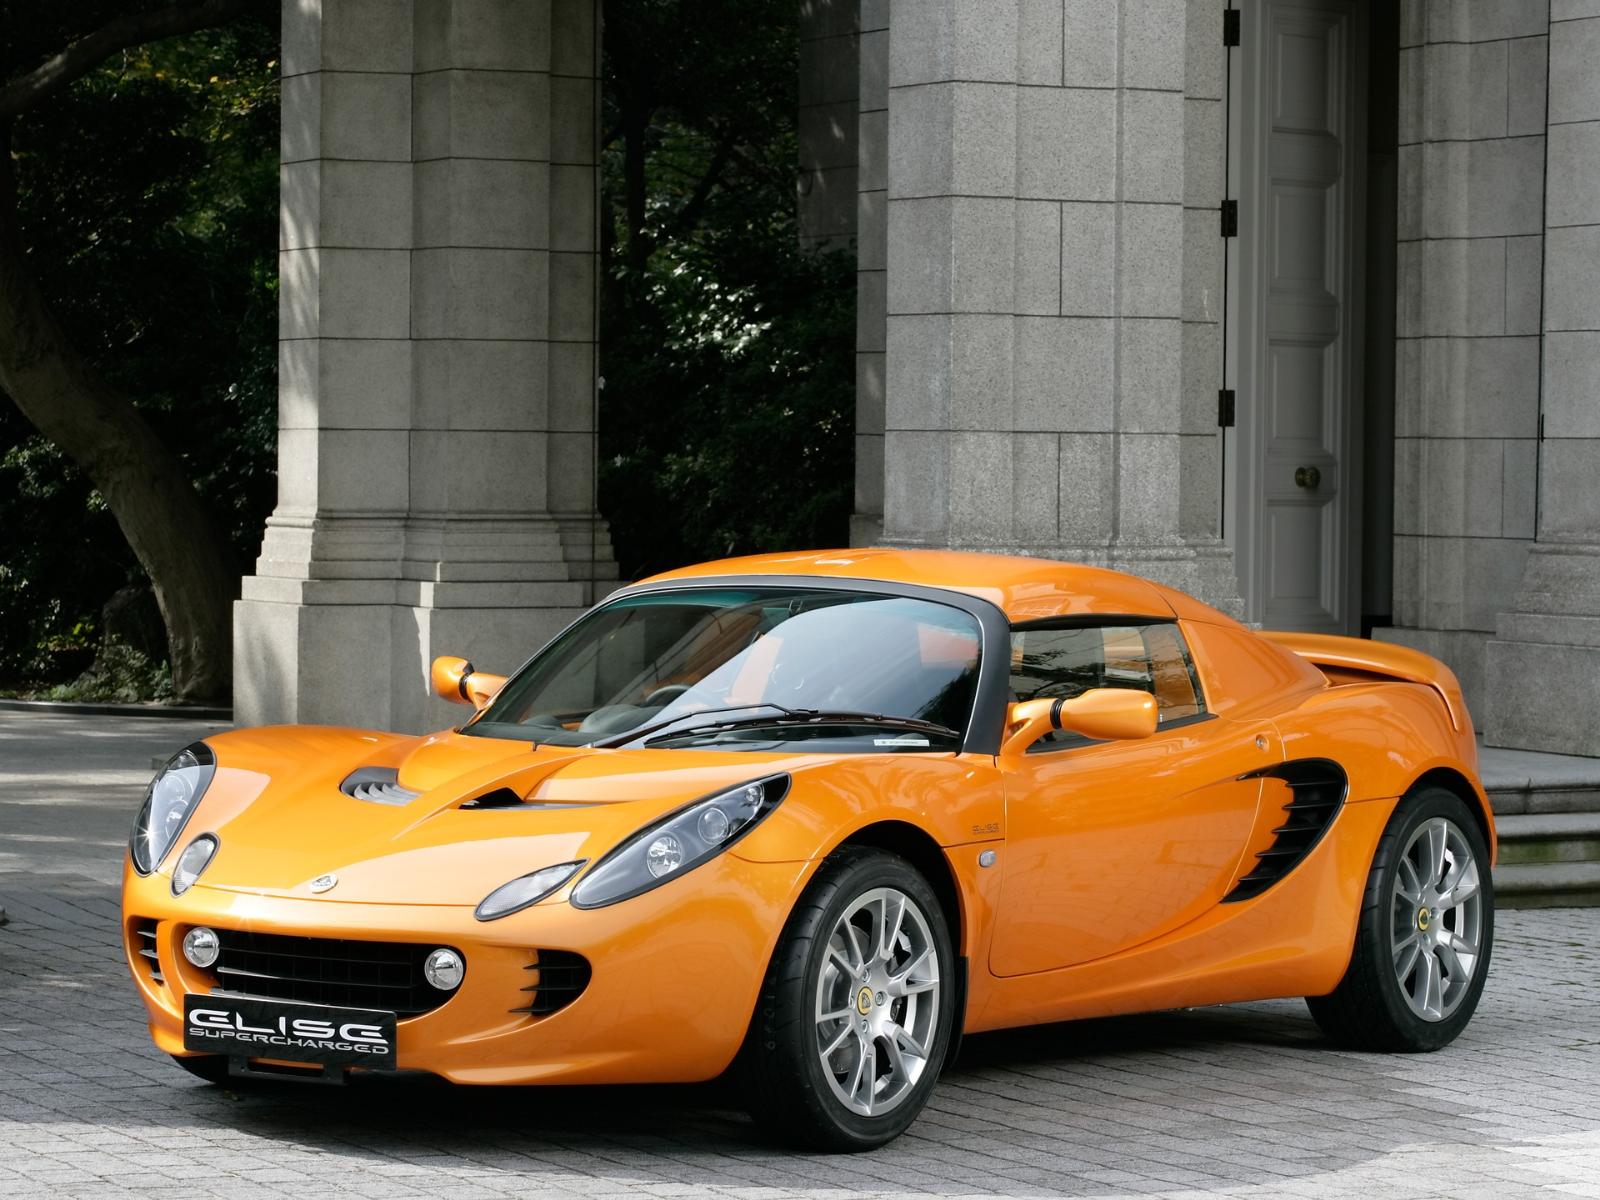 https://www.conceptcarz.com/images/Lotus/2008-Lotus-Elise-SC-manu-01-1600.jpg